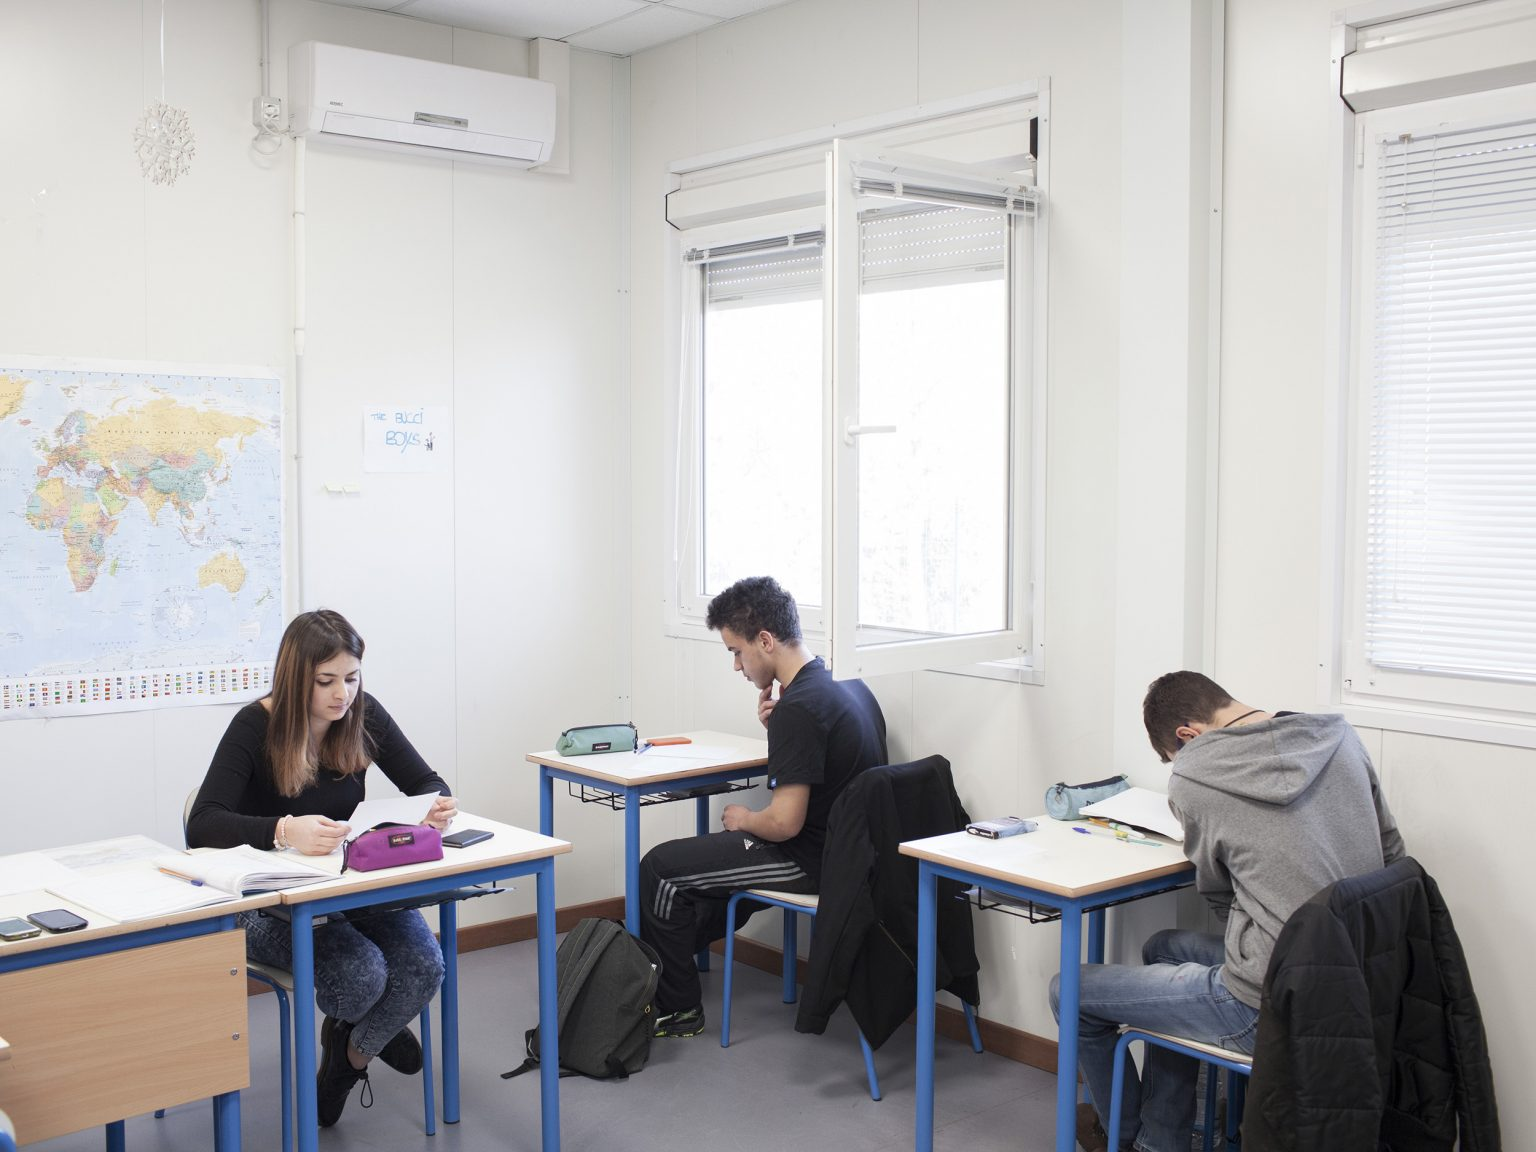 Amatrice, febbraio 2017 Studenti della 3° classe del liceo scientifico di Amatrice durante un compito di matematica.